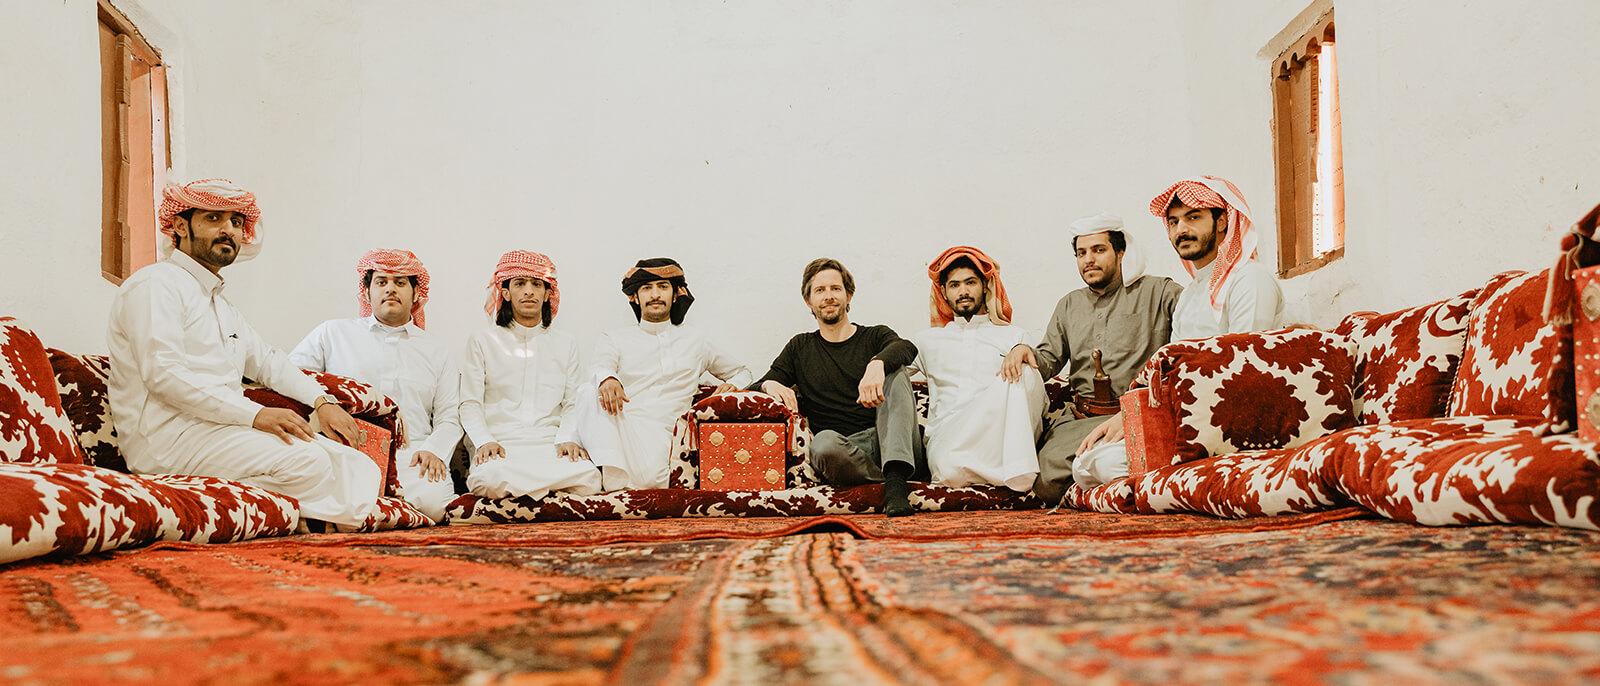 stephan orth mit arabischen maennern auf teppich in saudi-arabien